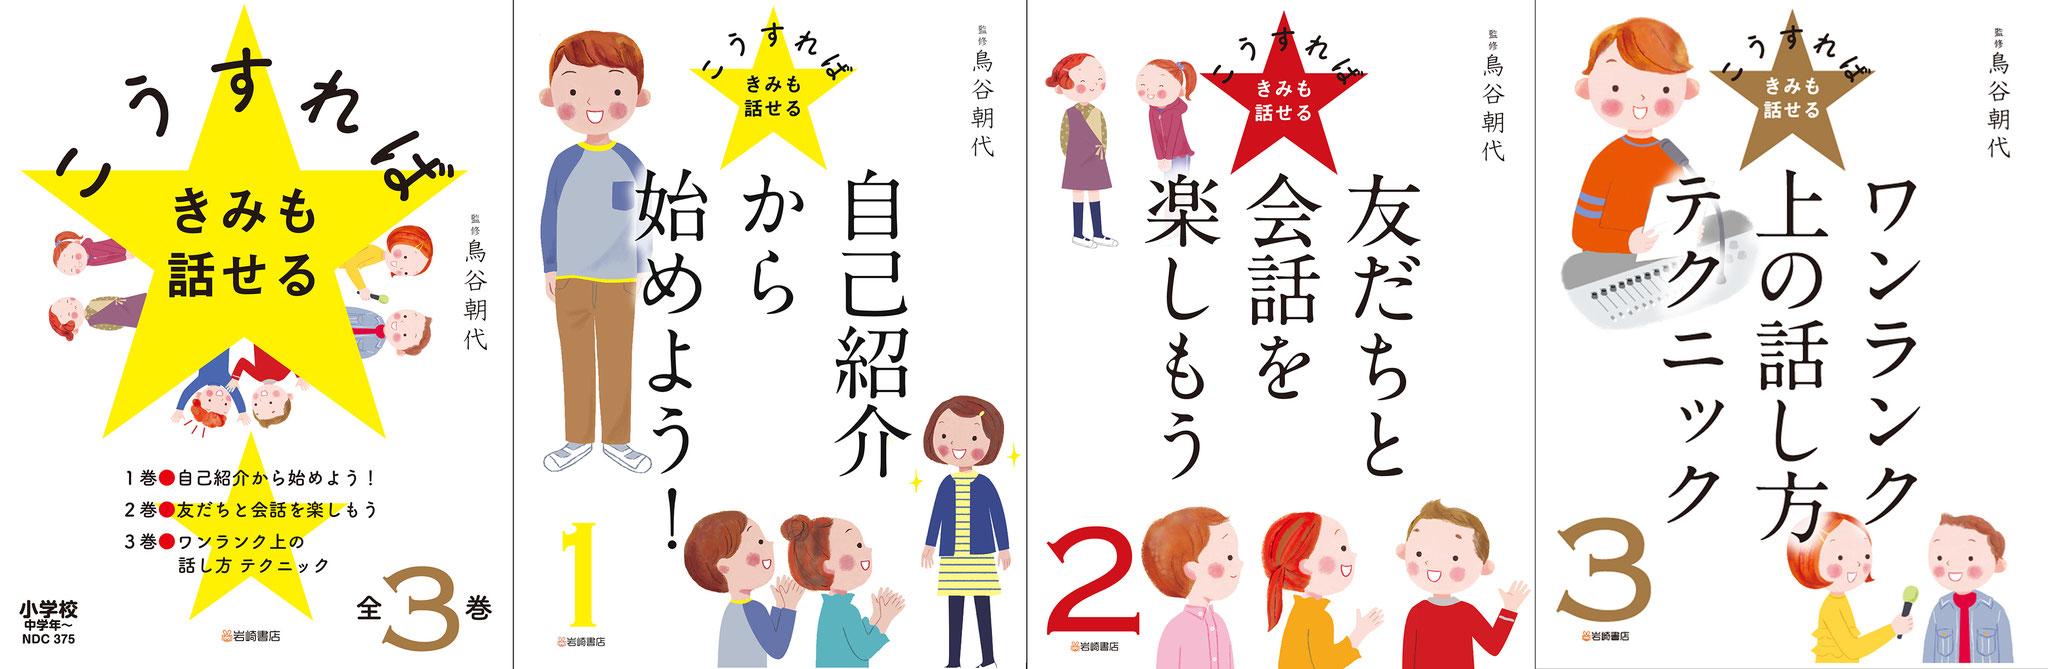 岩崎書店 書籍 こうすればきみも話せる